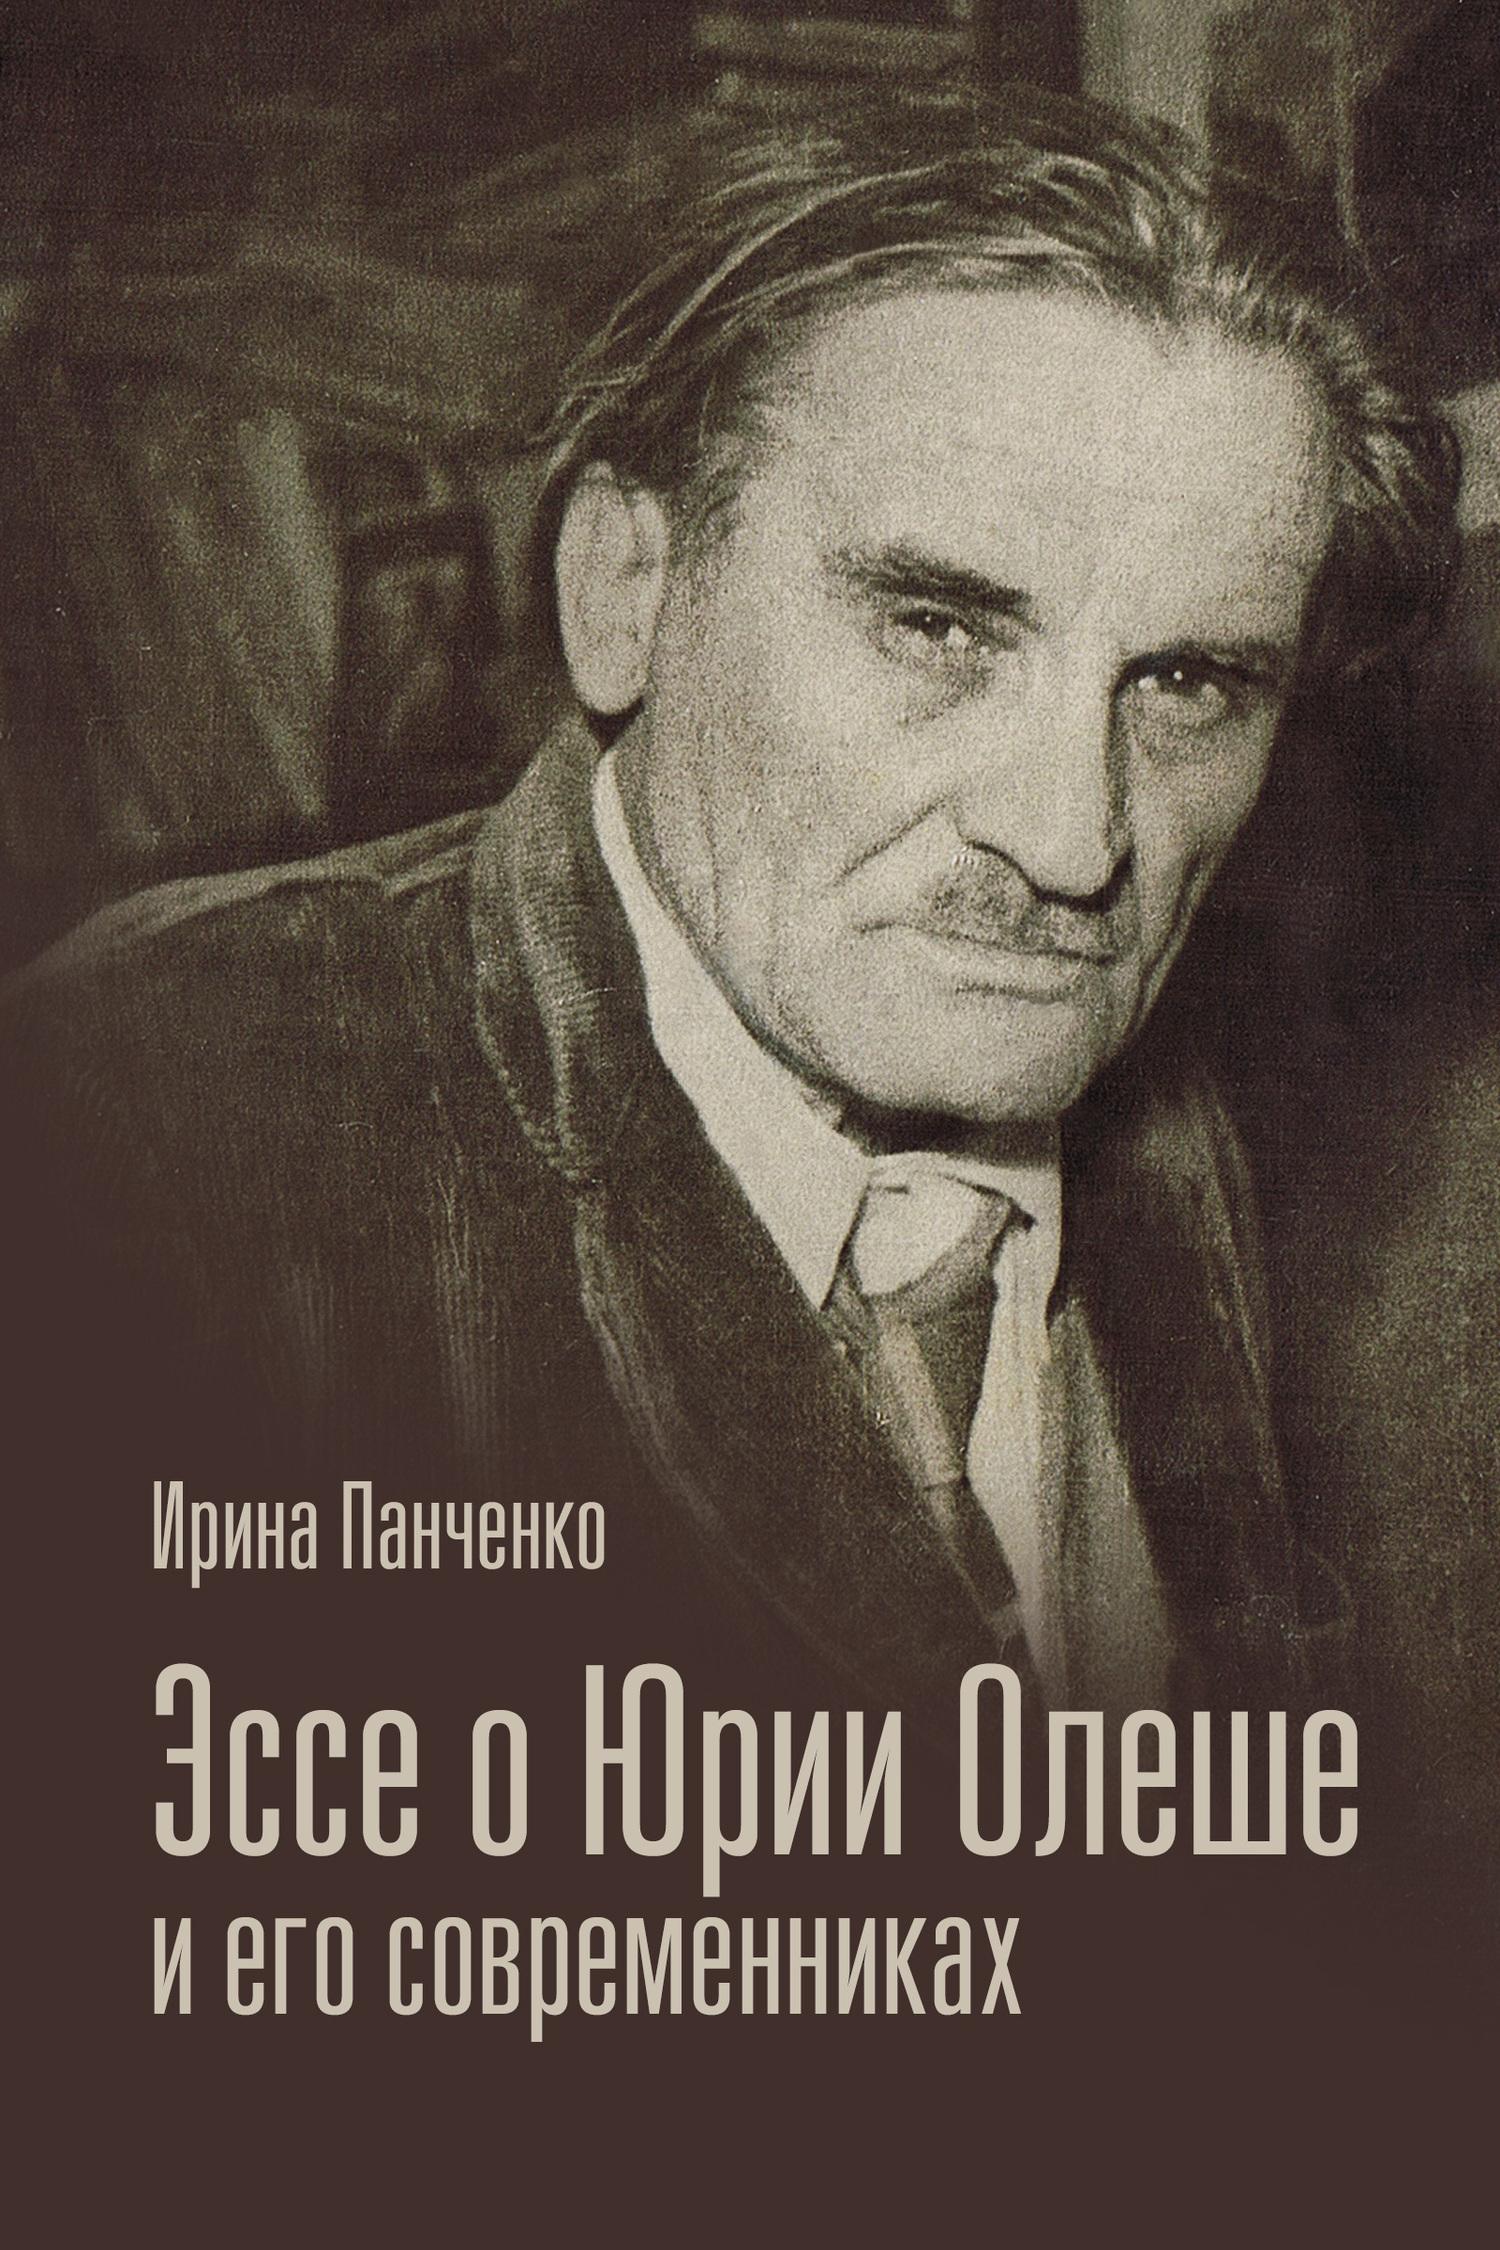 Эссе о Юрии Олеше и его современниках. Статьи. Эссе. Письма.